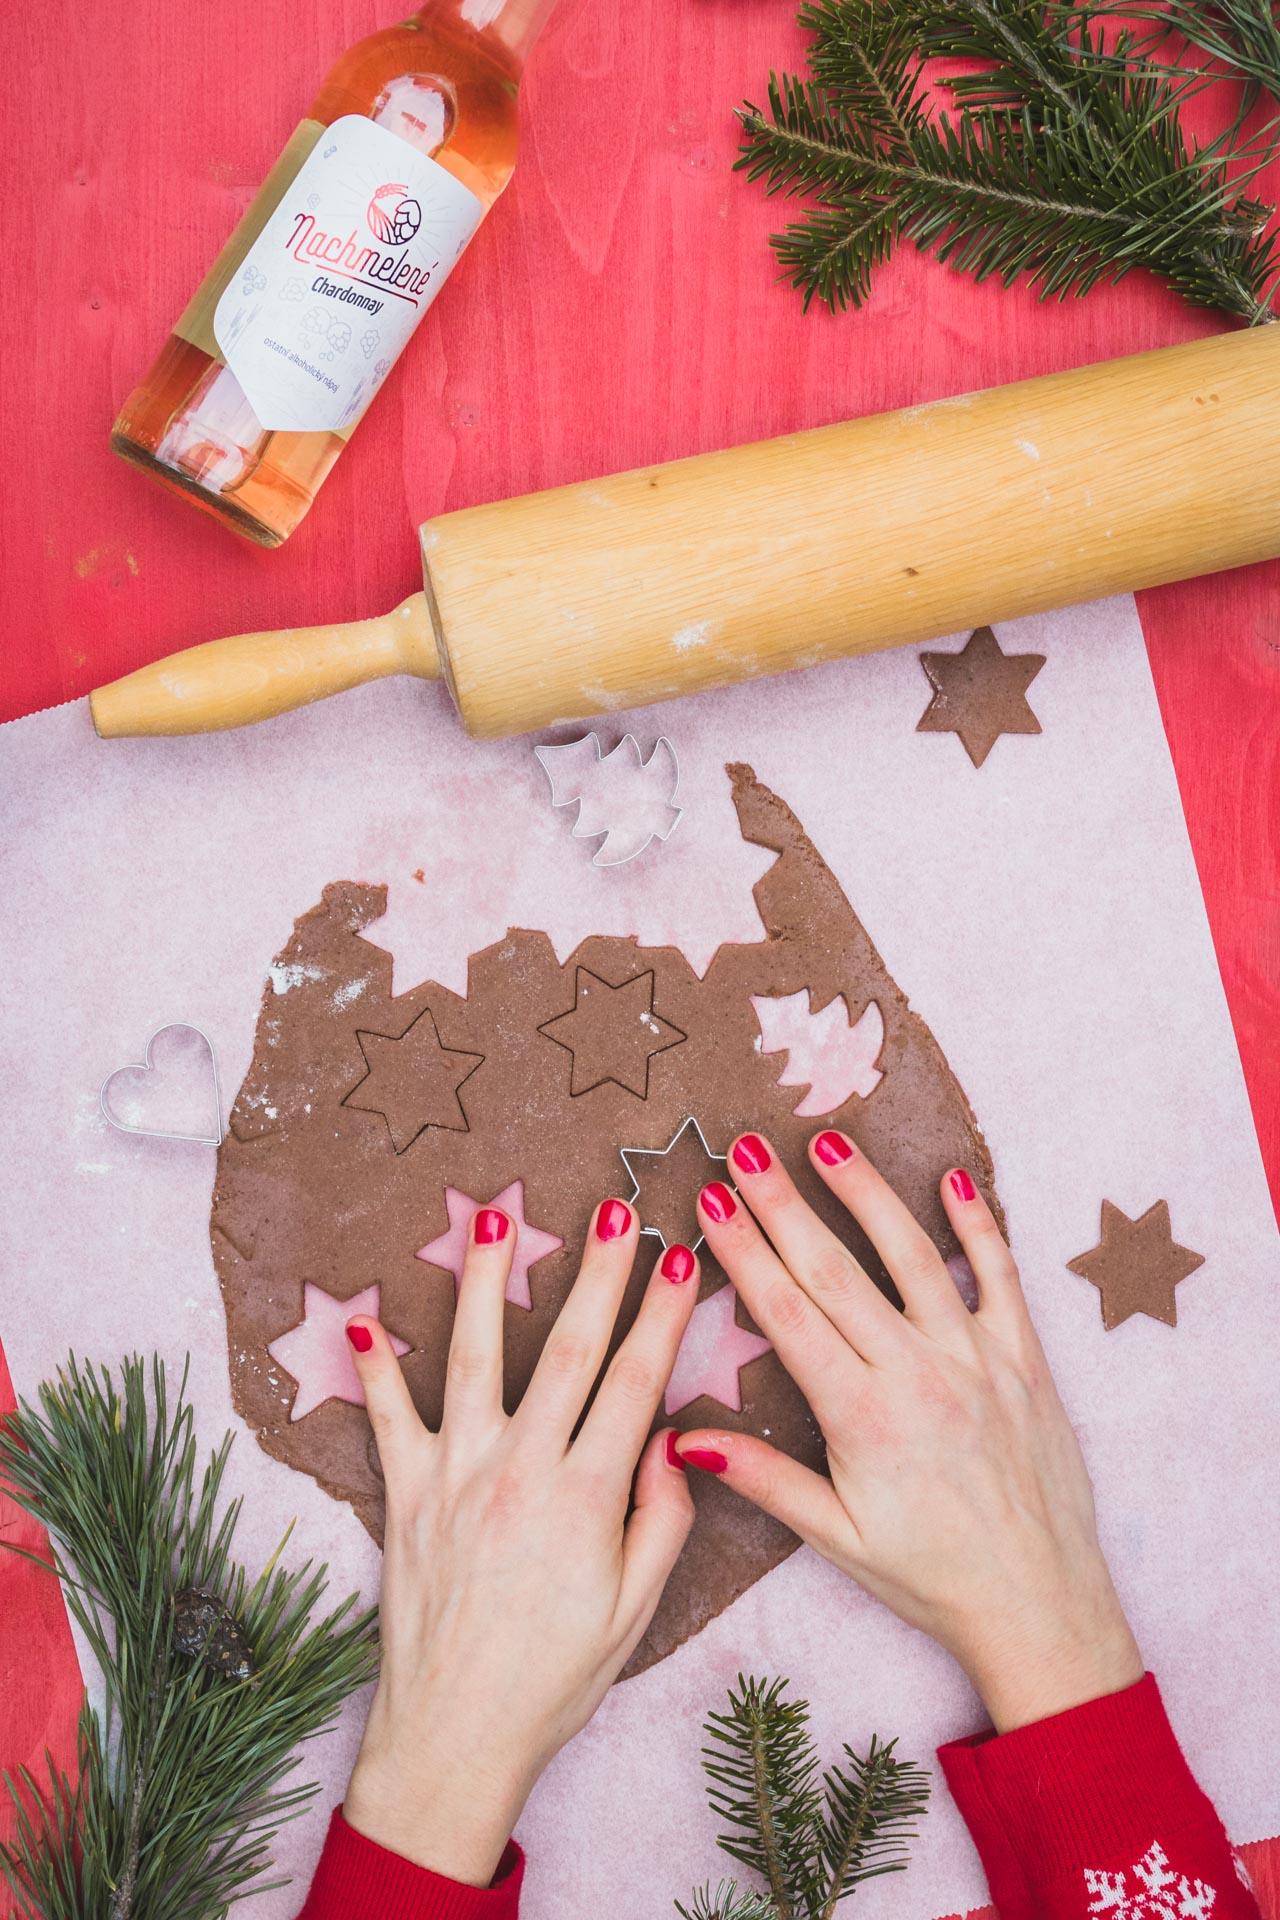 Nachmelené a vykrajování vánočních perníčků